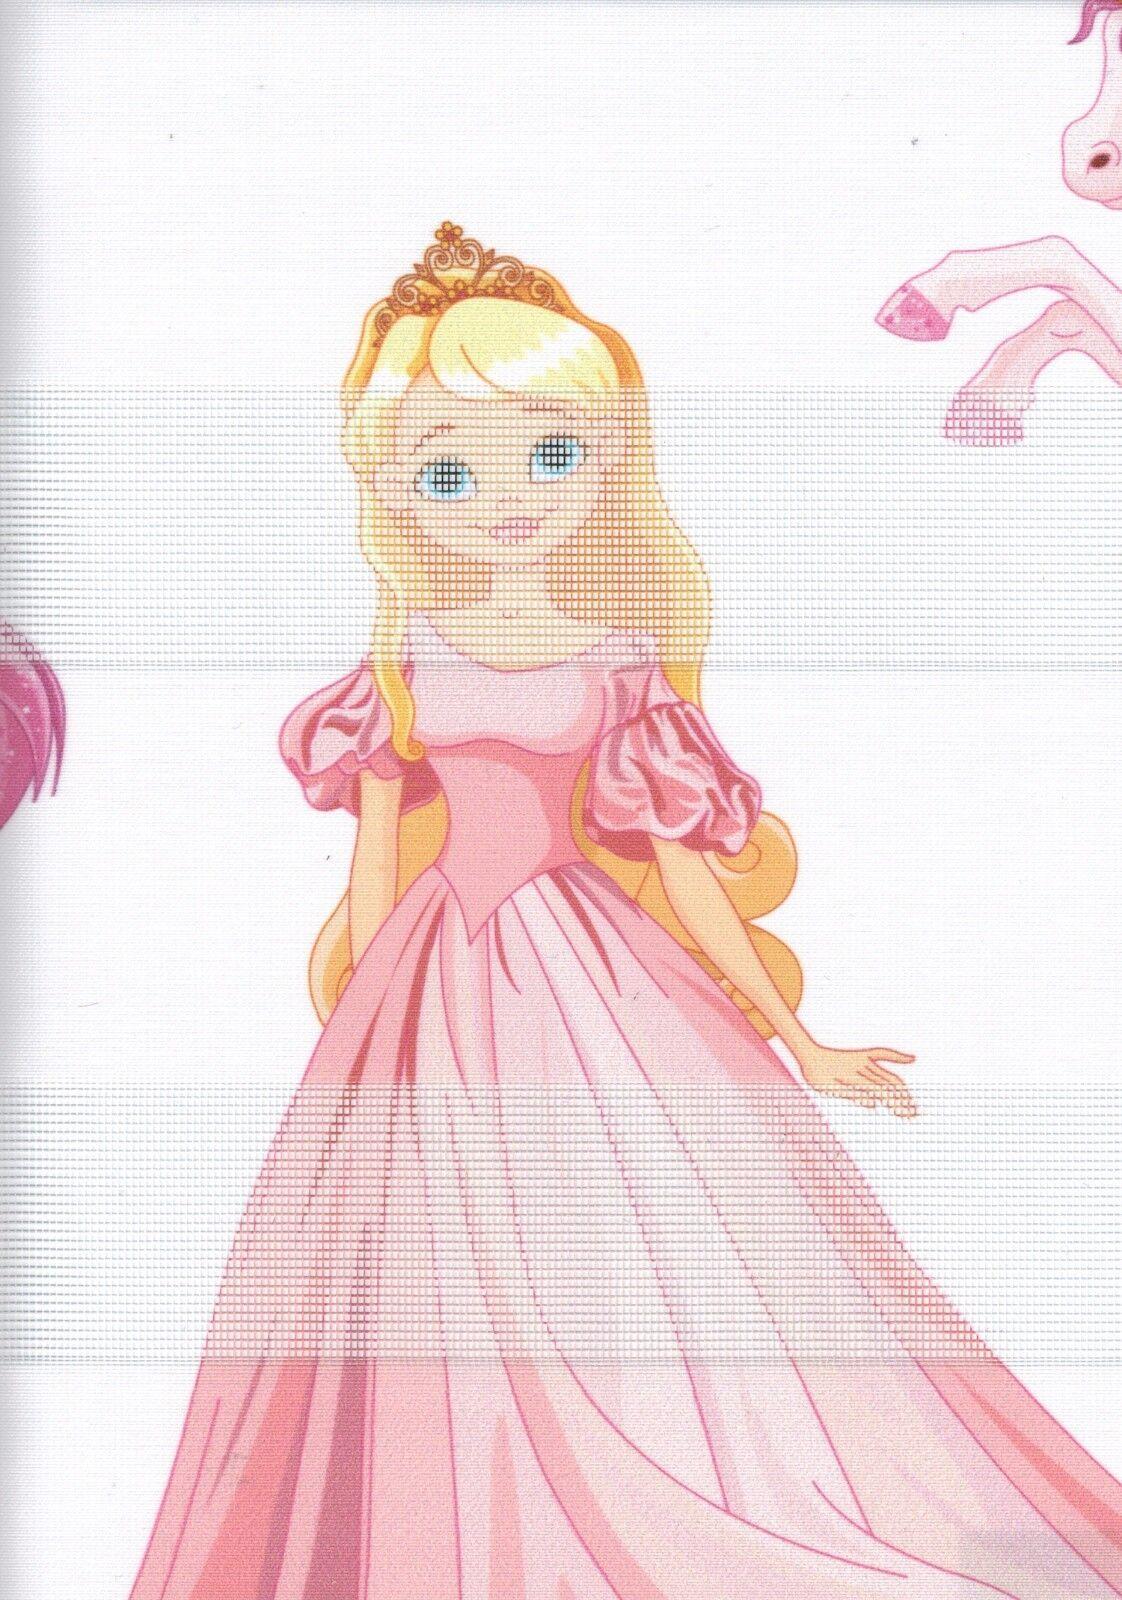 Art. prenses03 Maßanfertigung Kinder Kinder Kinder Duo Rollo mit Kettenzug Doppelrollo Mädchen | Heißer Verkauf  07779a